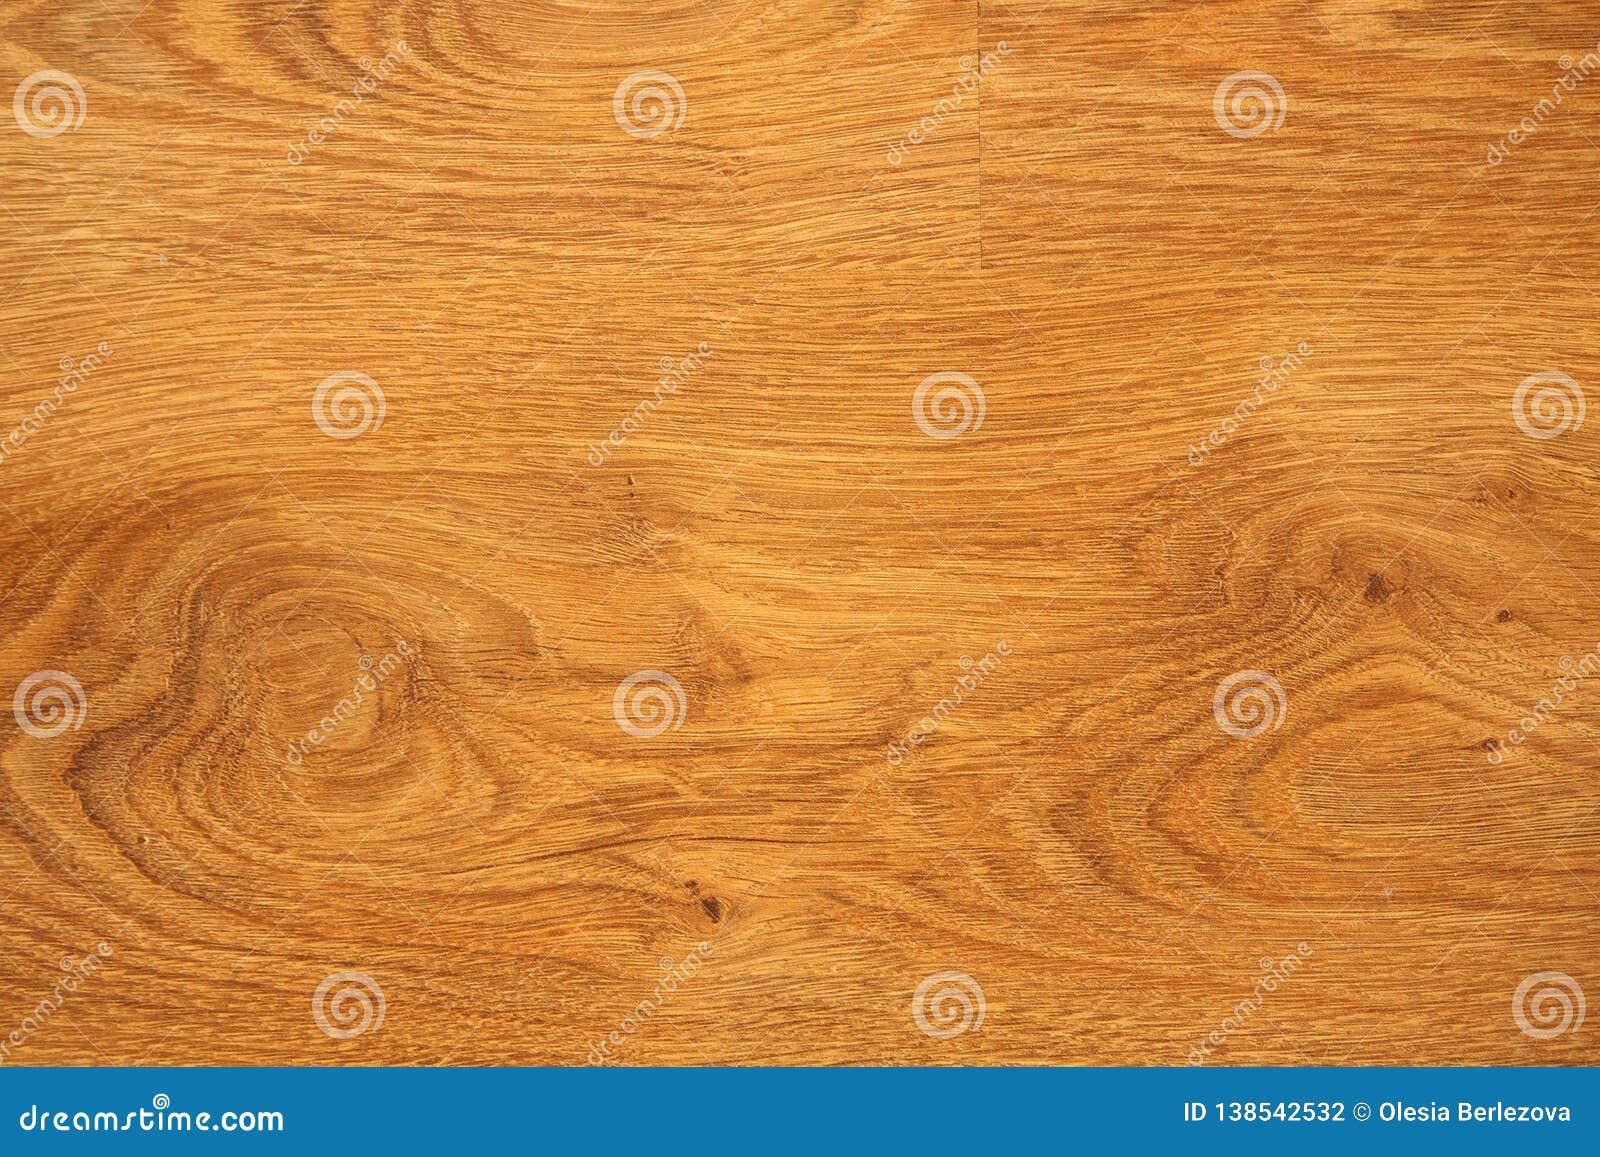 Laminat lub parkietowa podłoga - drewniany posadzkowy materiał Tło